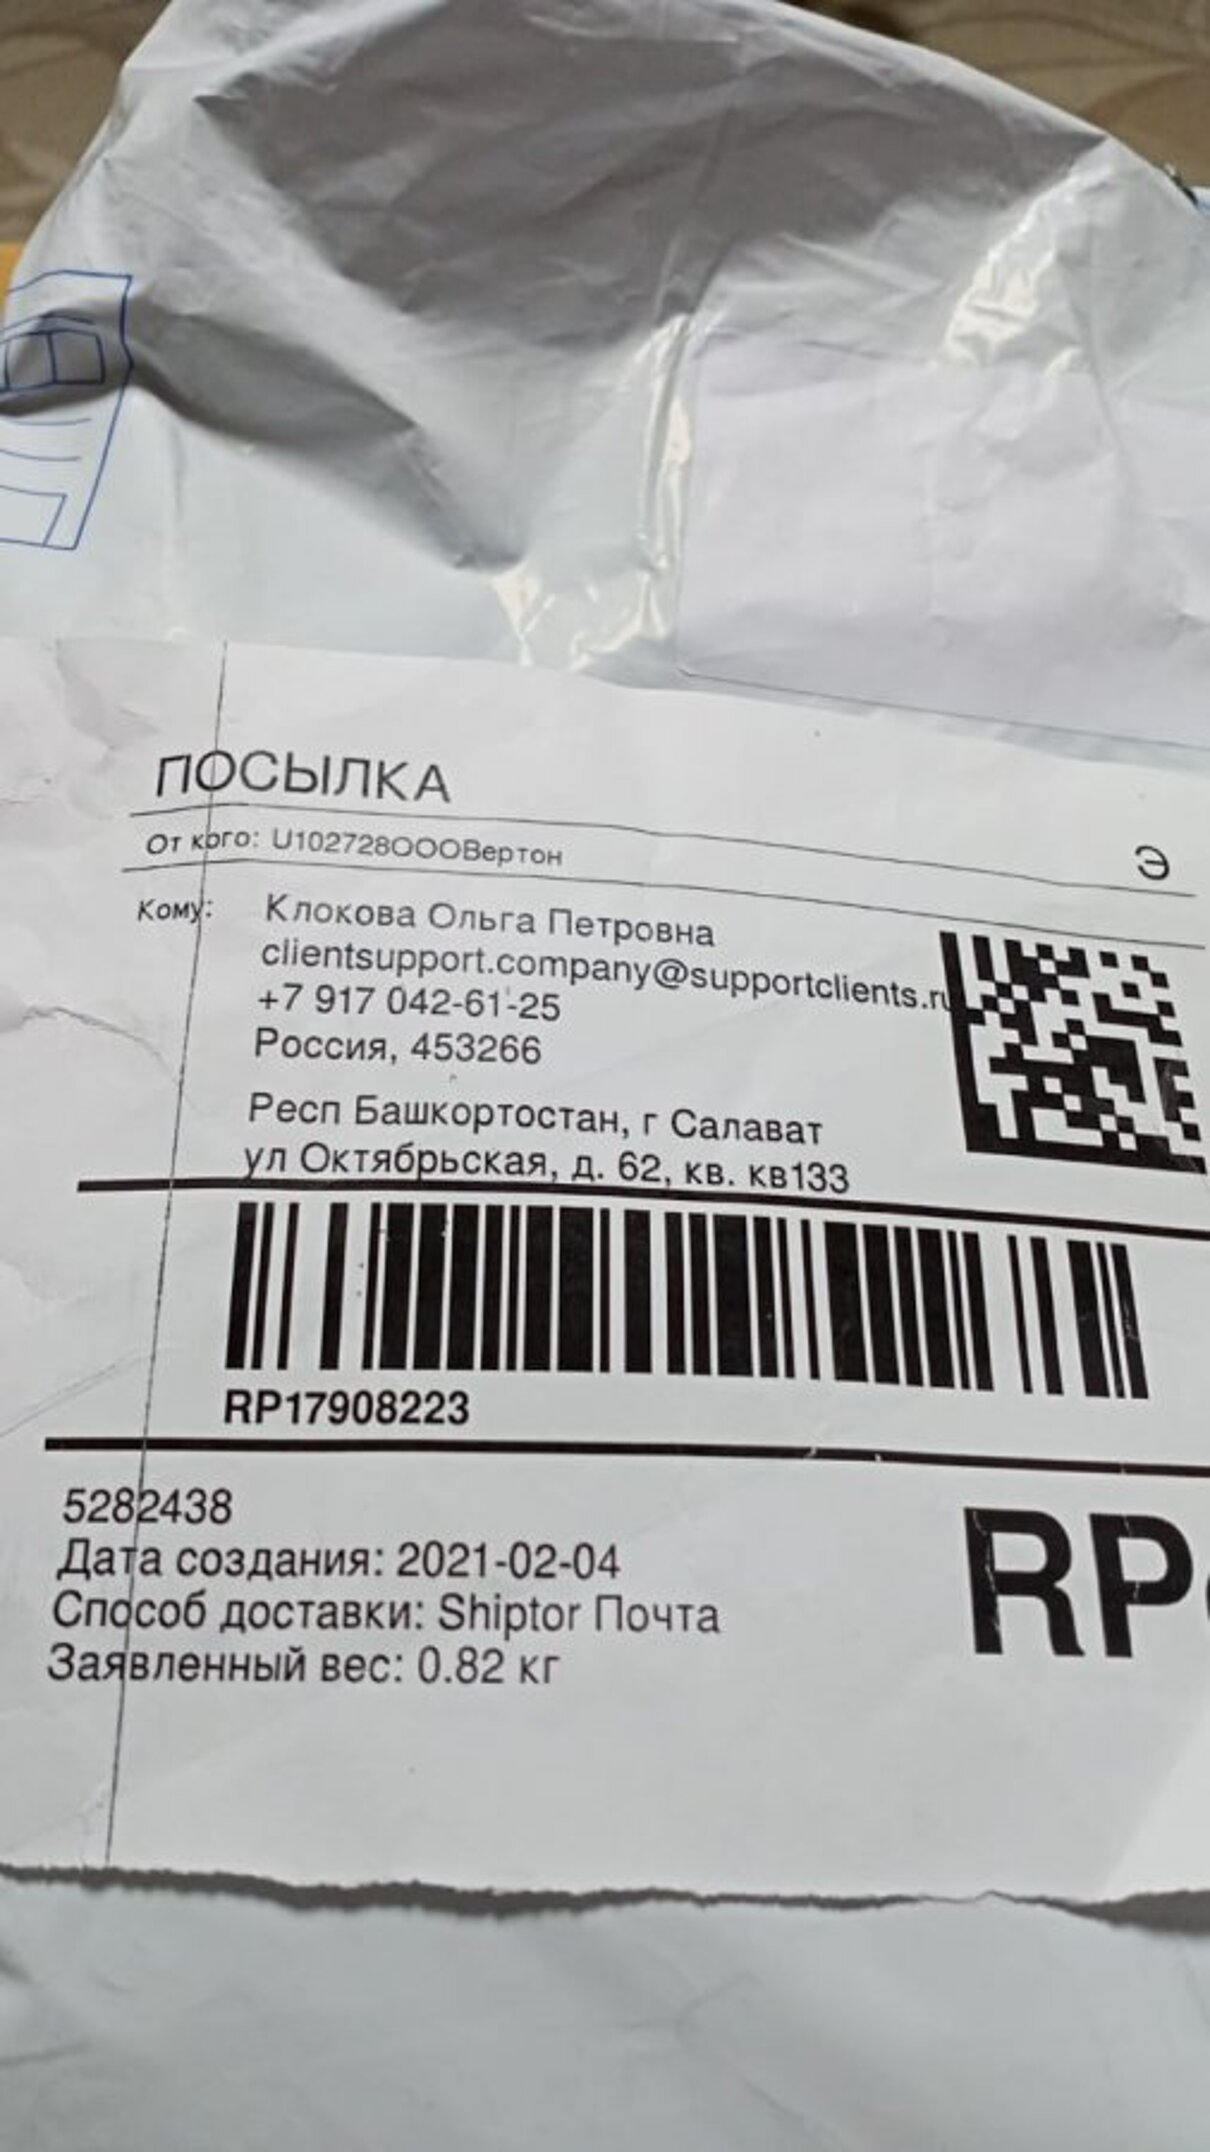 Жалоба-отзыв: ООО Помощь Интернет магазинам pimsolutions - Мошенники.  Фото №1